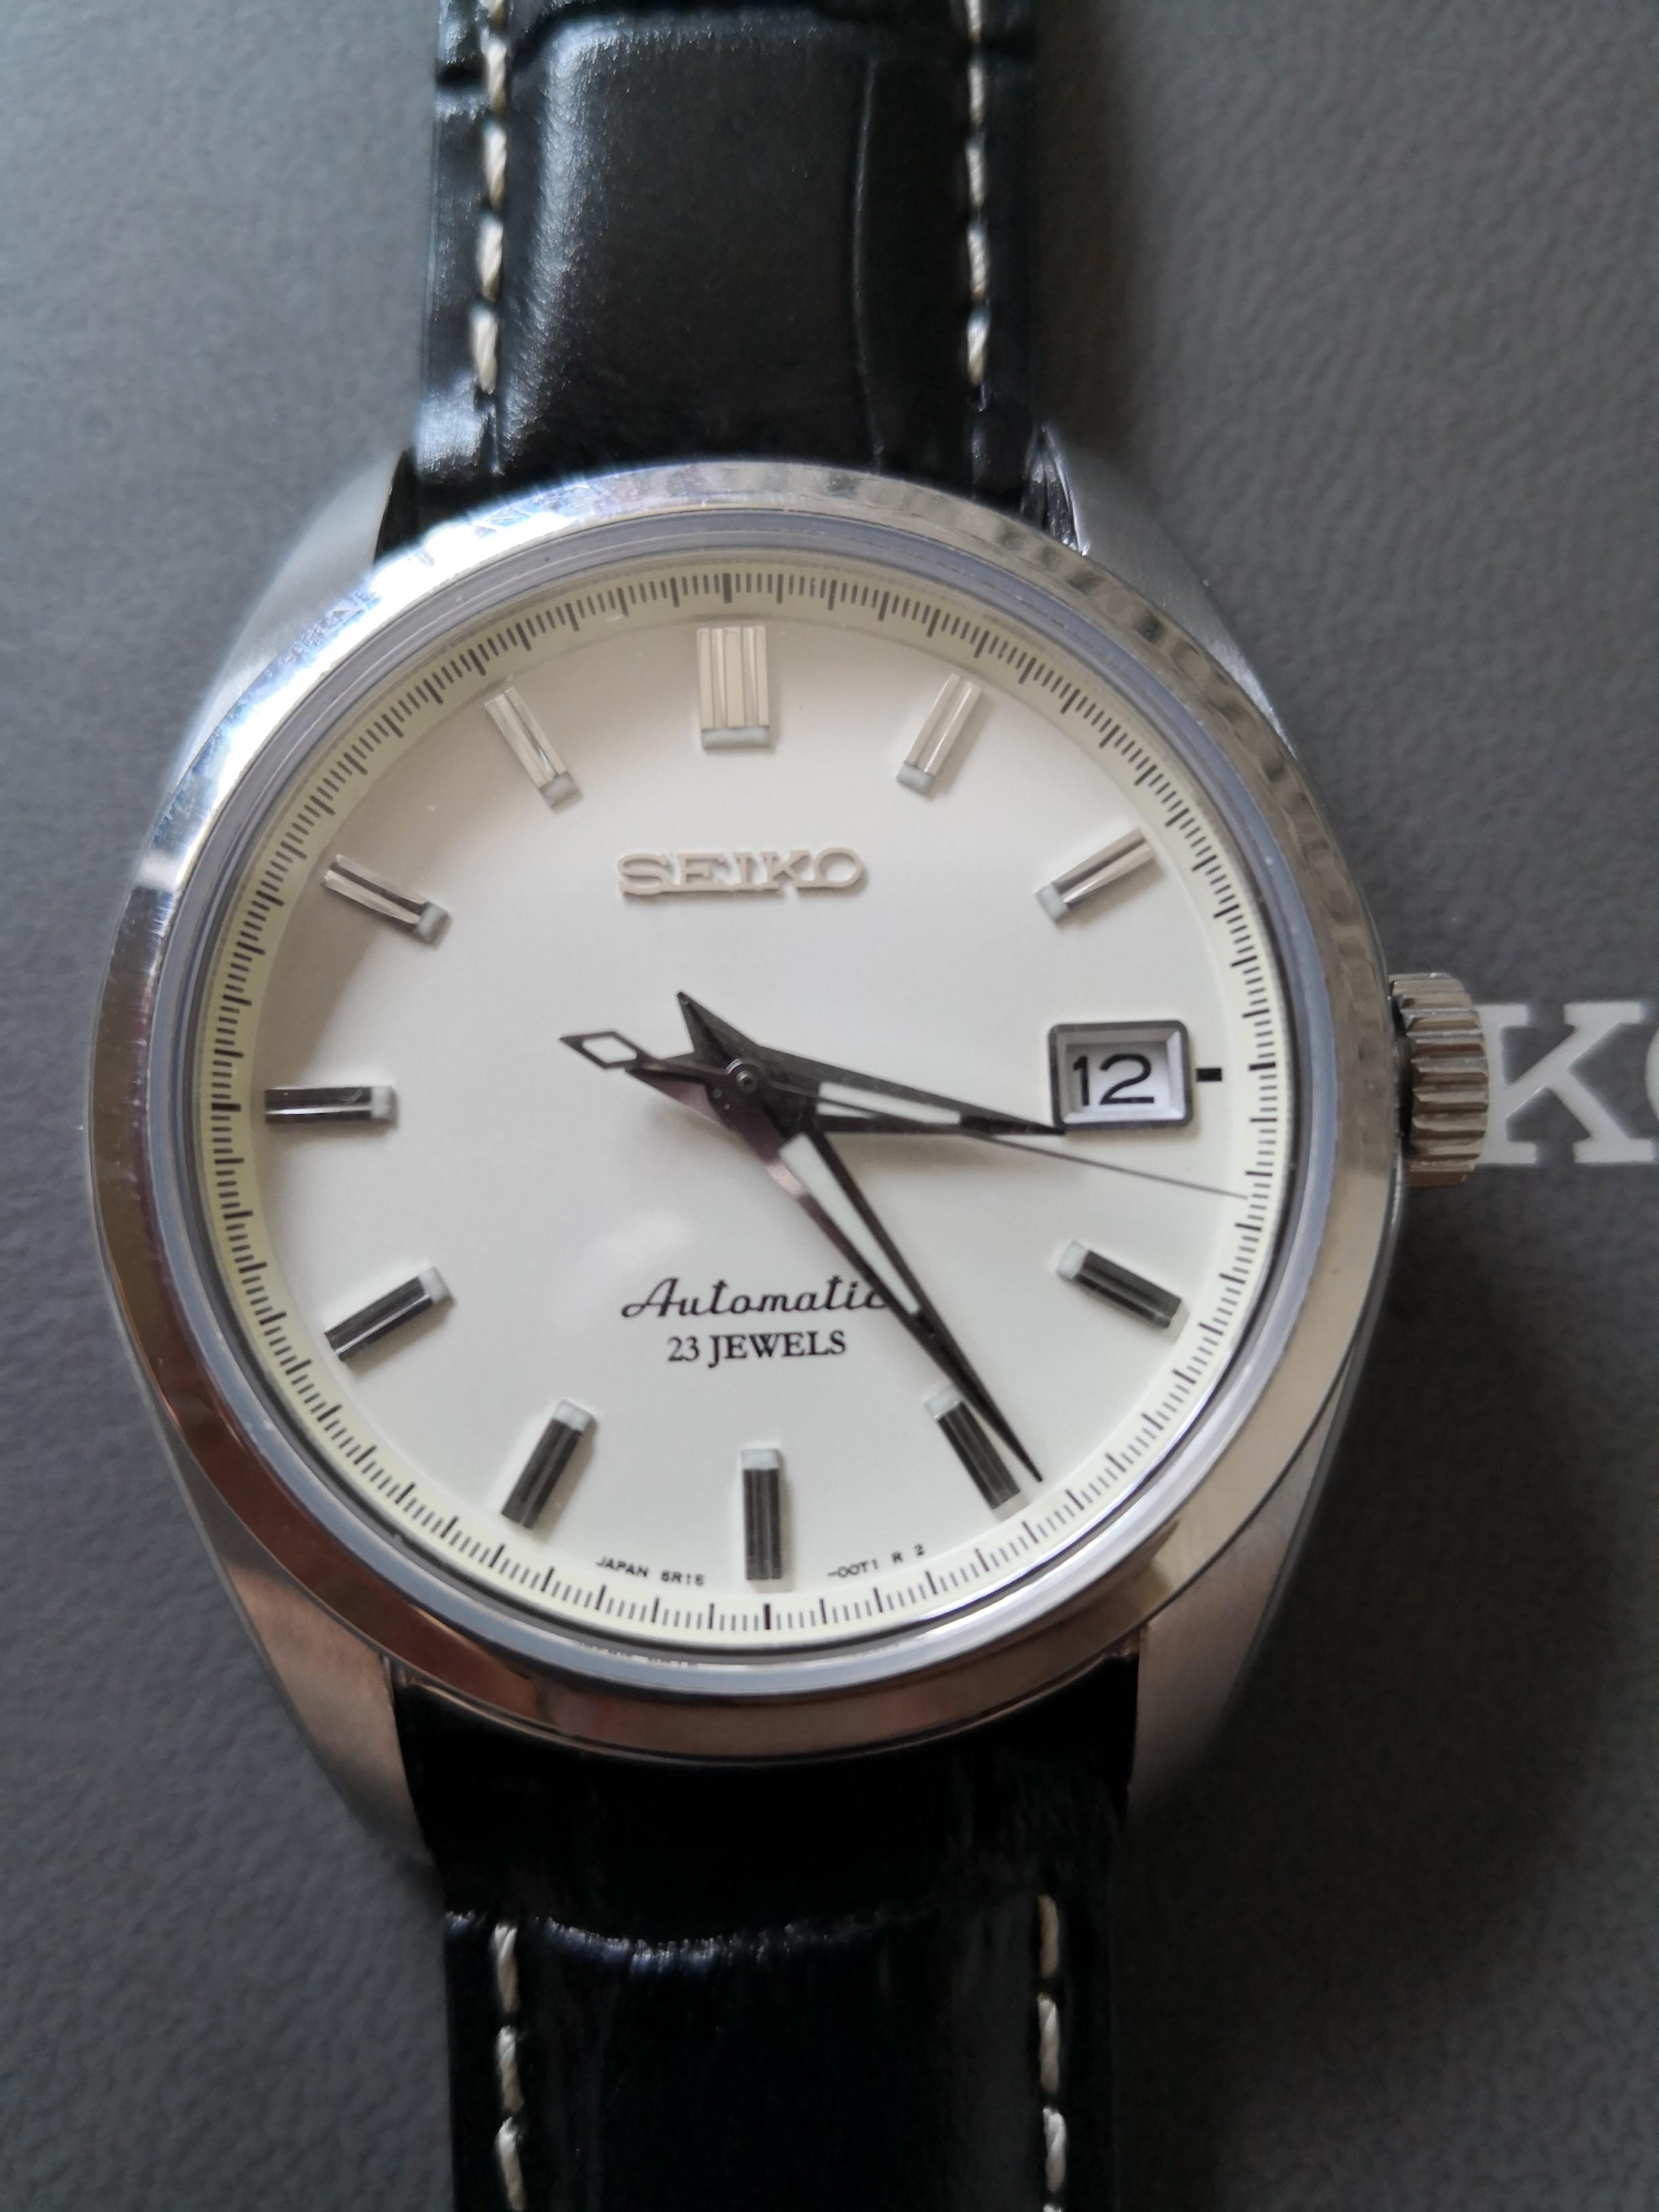 Seiko Automatic 38mm Sports Dress Watch